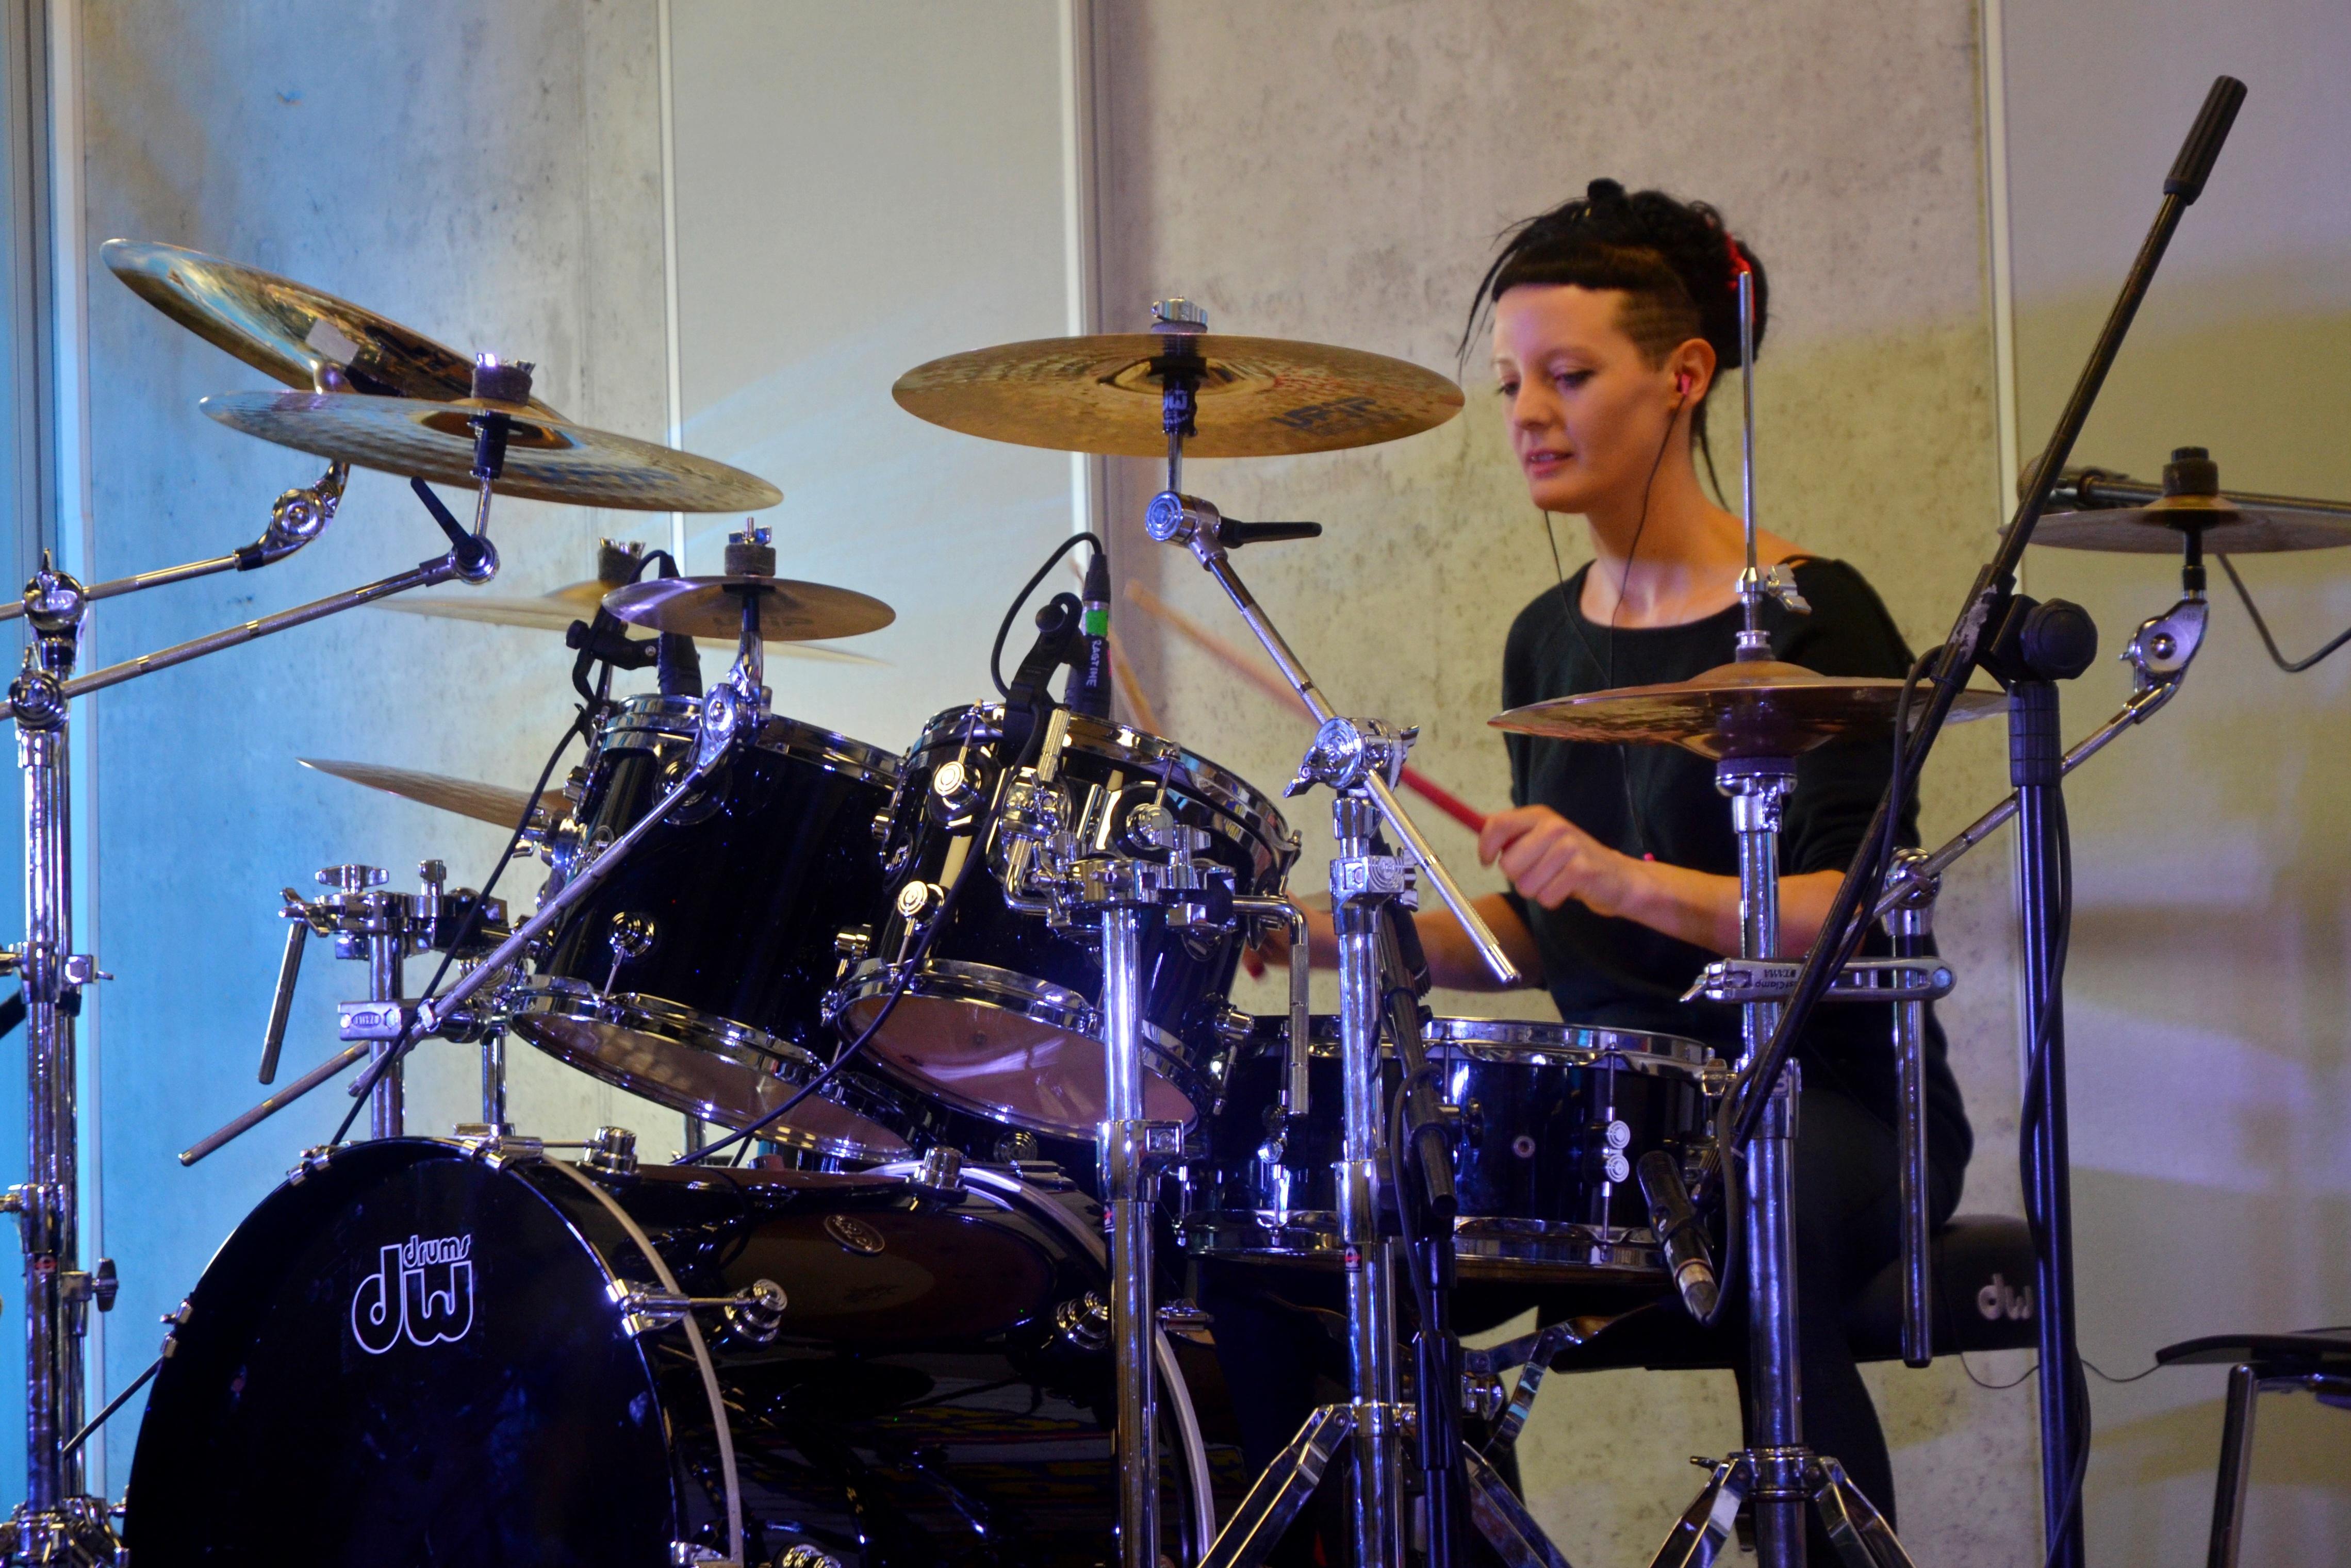 Katy Elwell